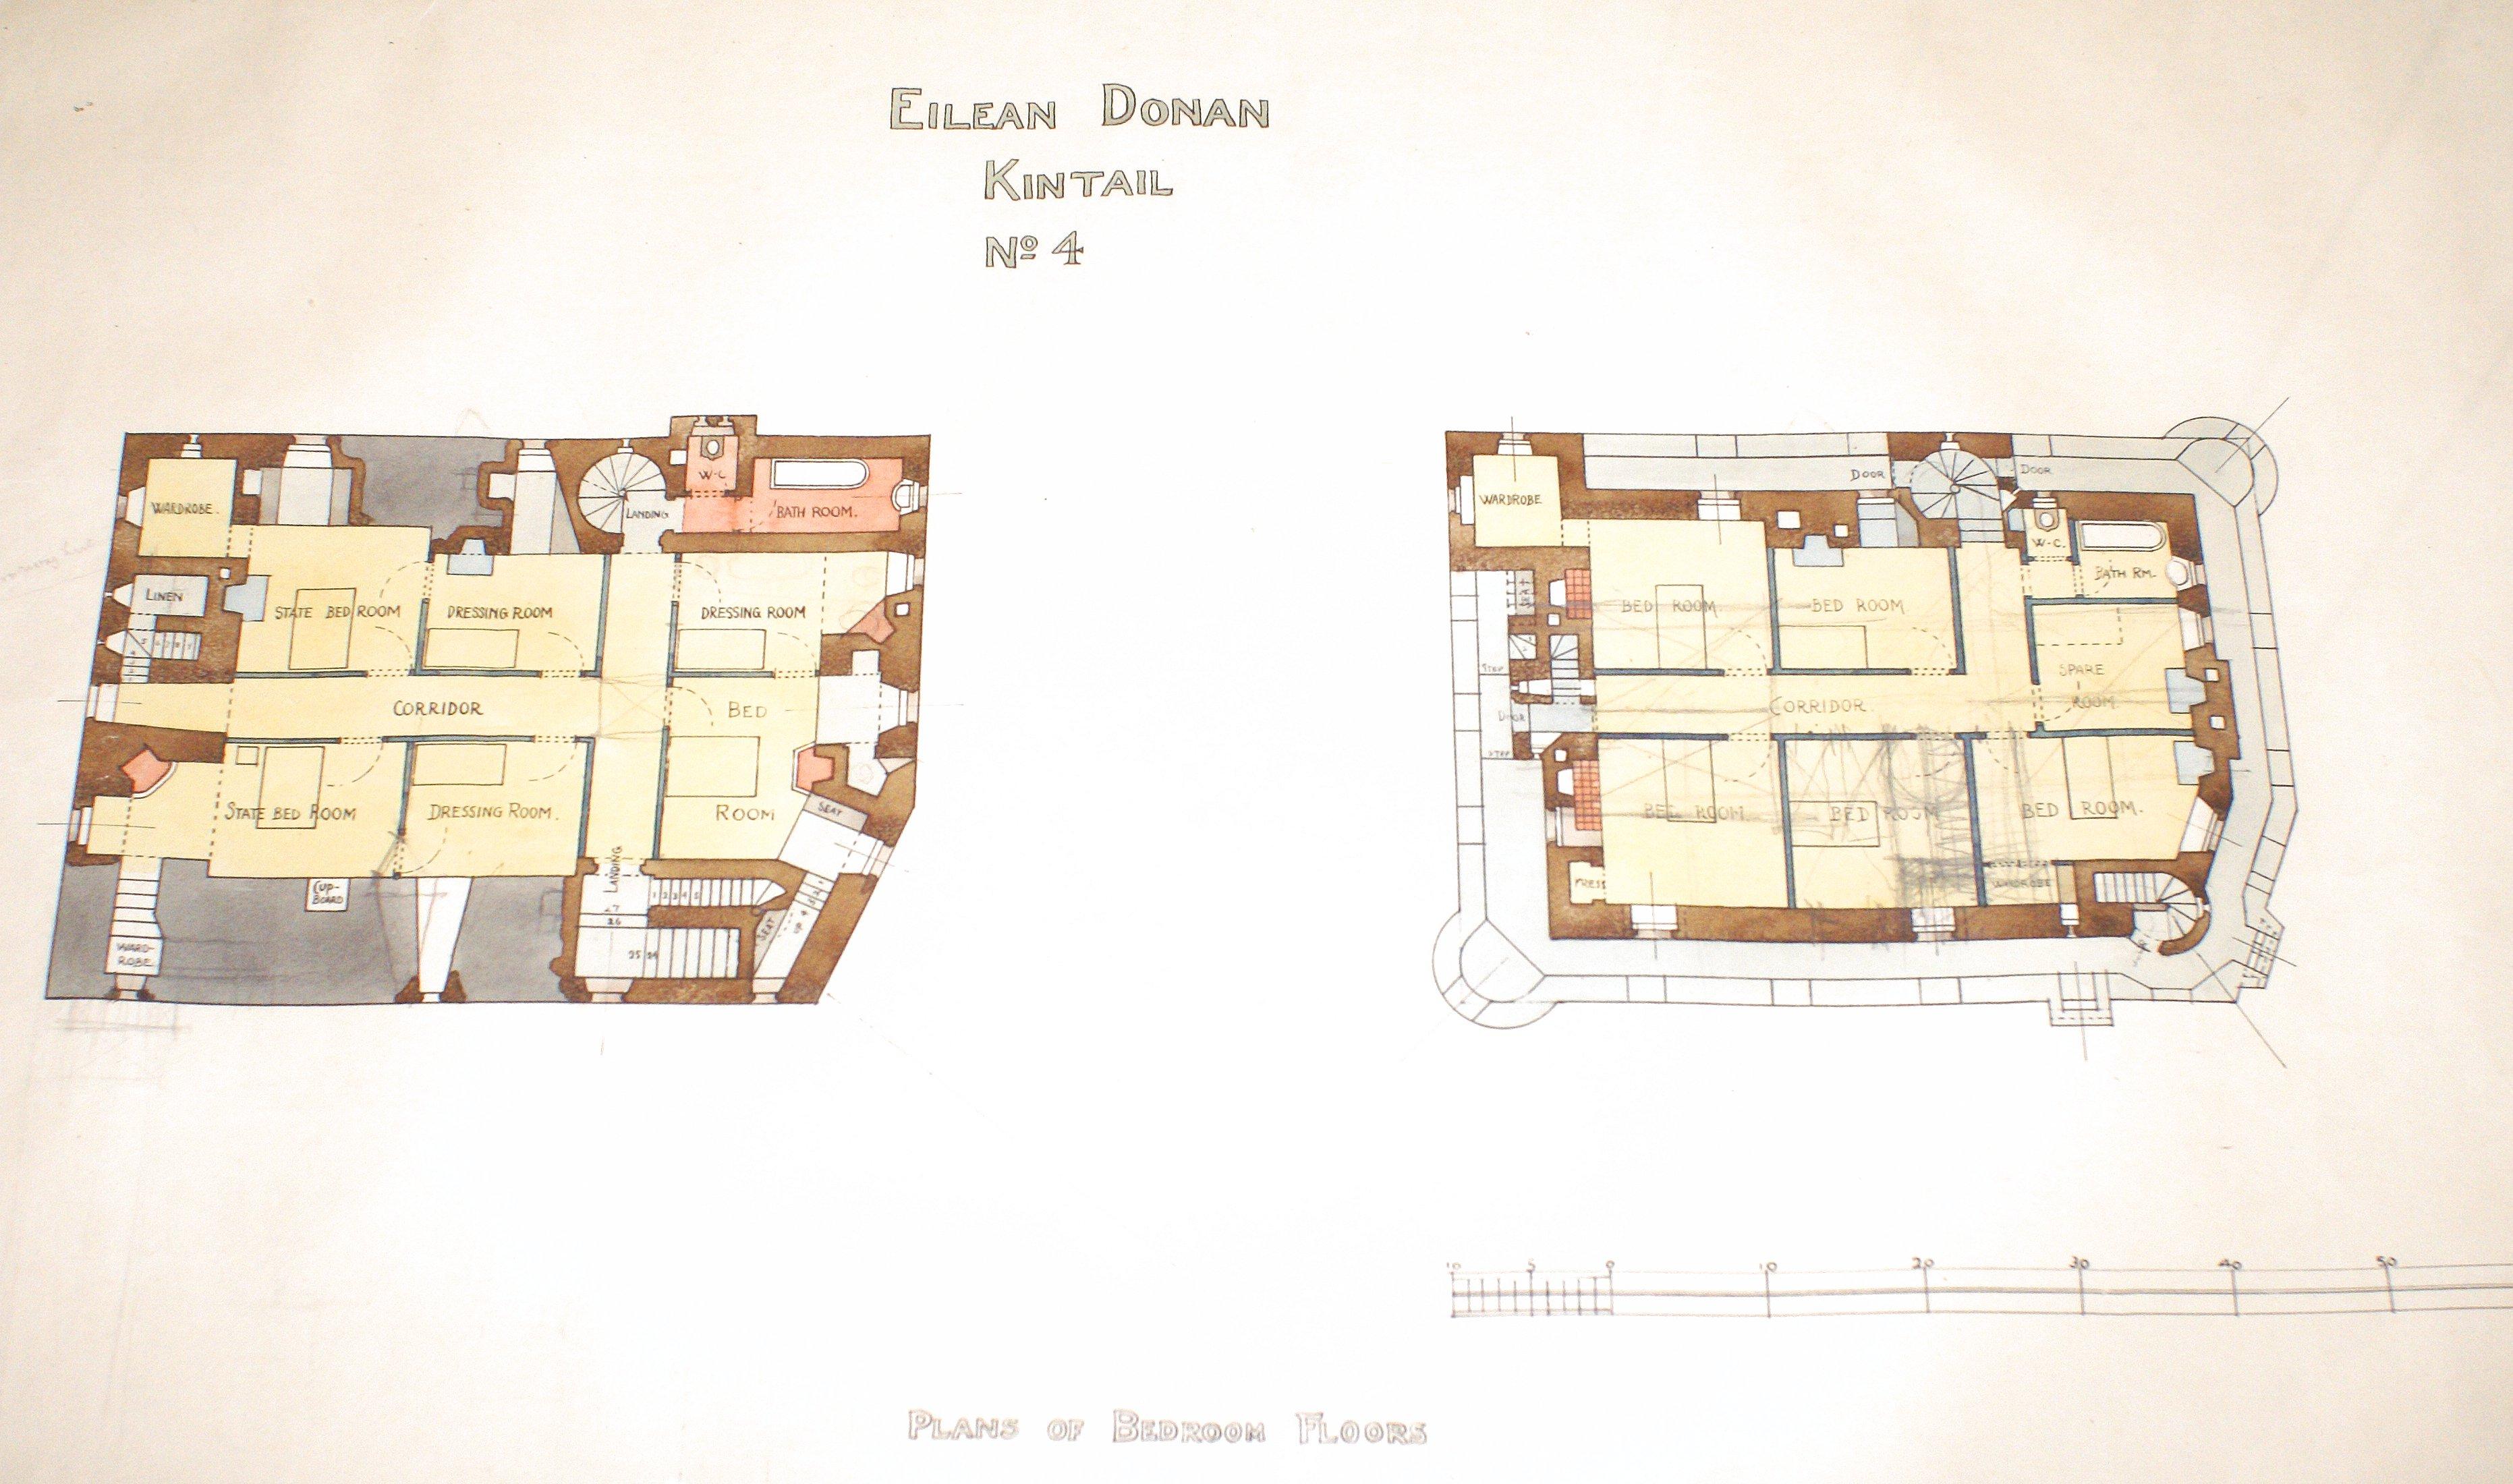 The best laid plans eilean donan for Blueprint design